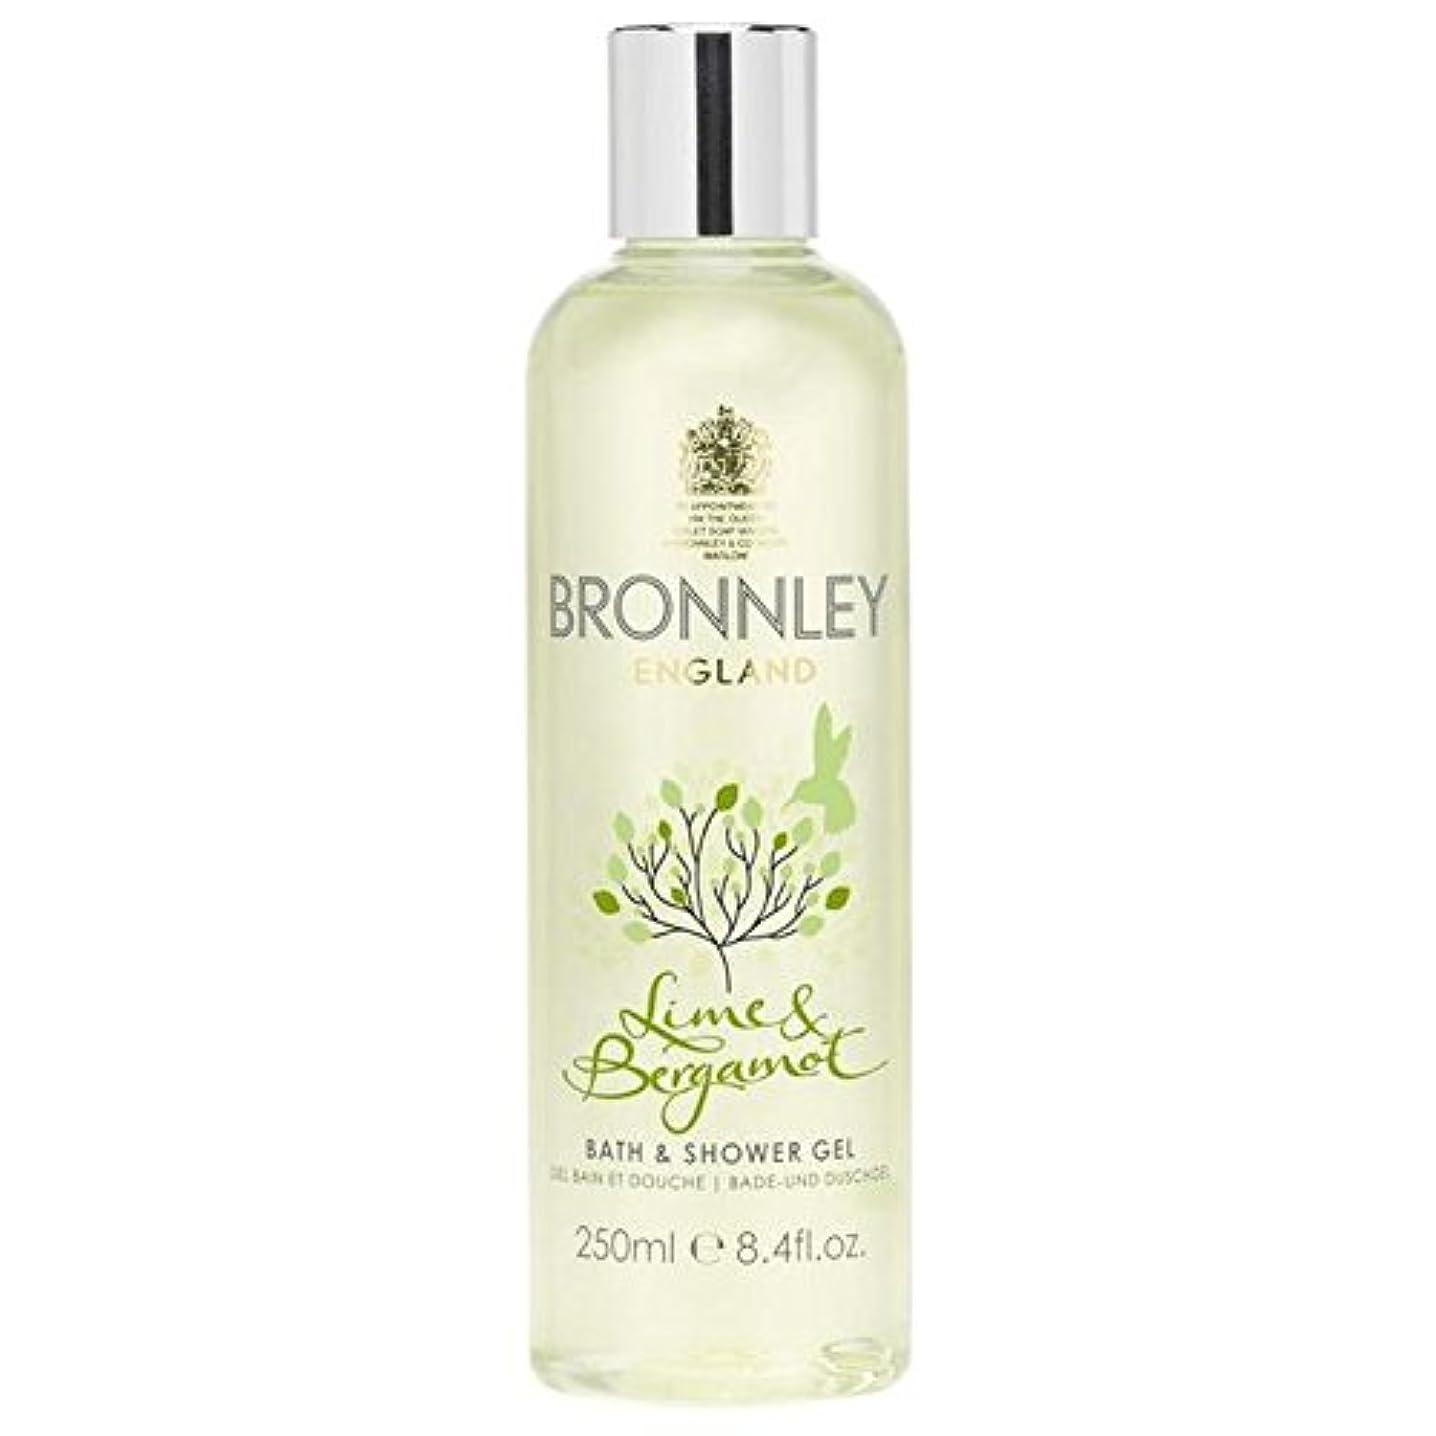 できる結晶硫黄Bronnley Lime & Bergamot Bath & Shower Gel 250ml - ライム&ベルガモットバス&シャワージェル250ミリリットル [並行輸入品]